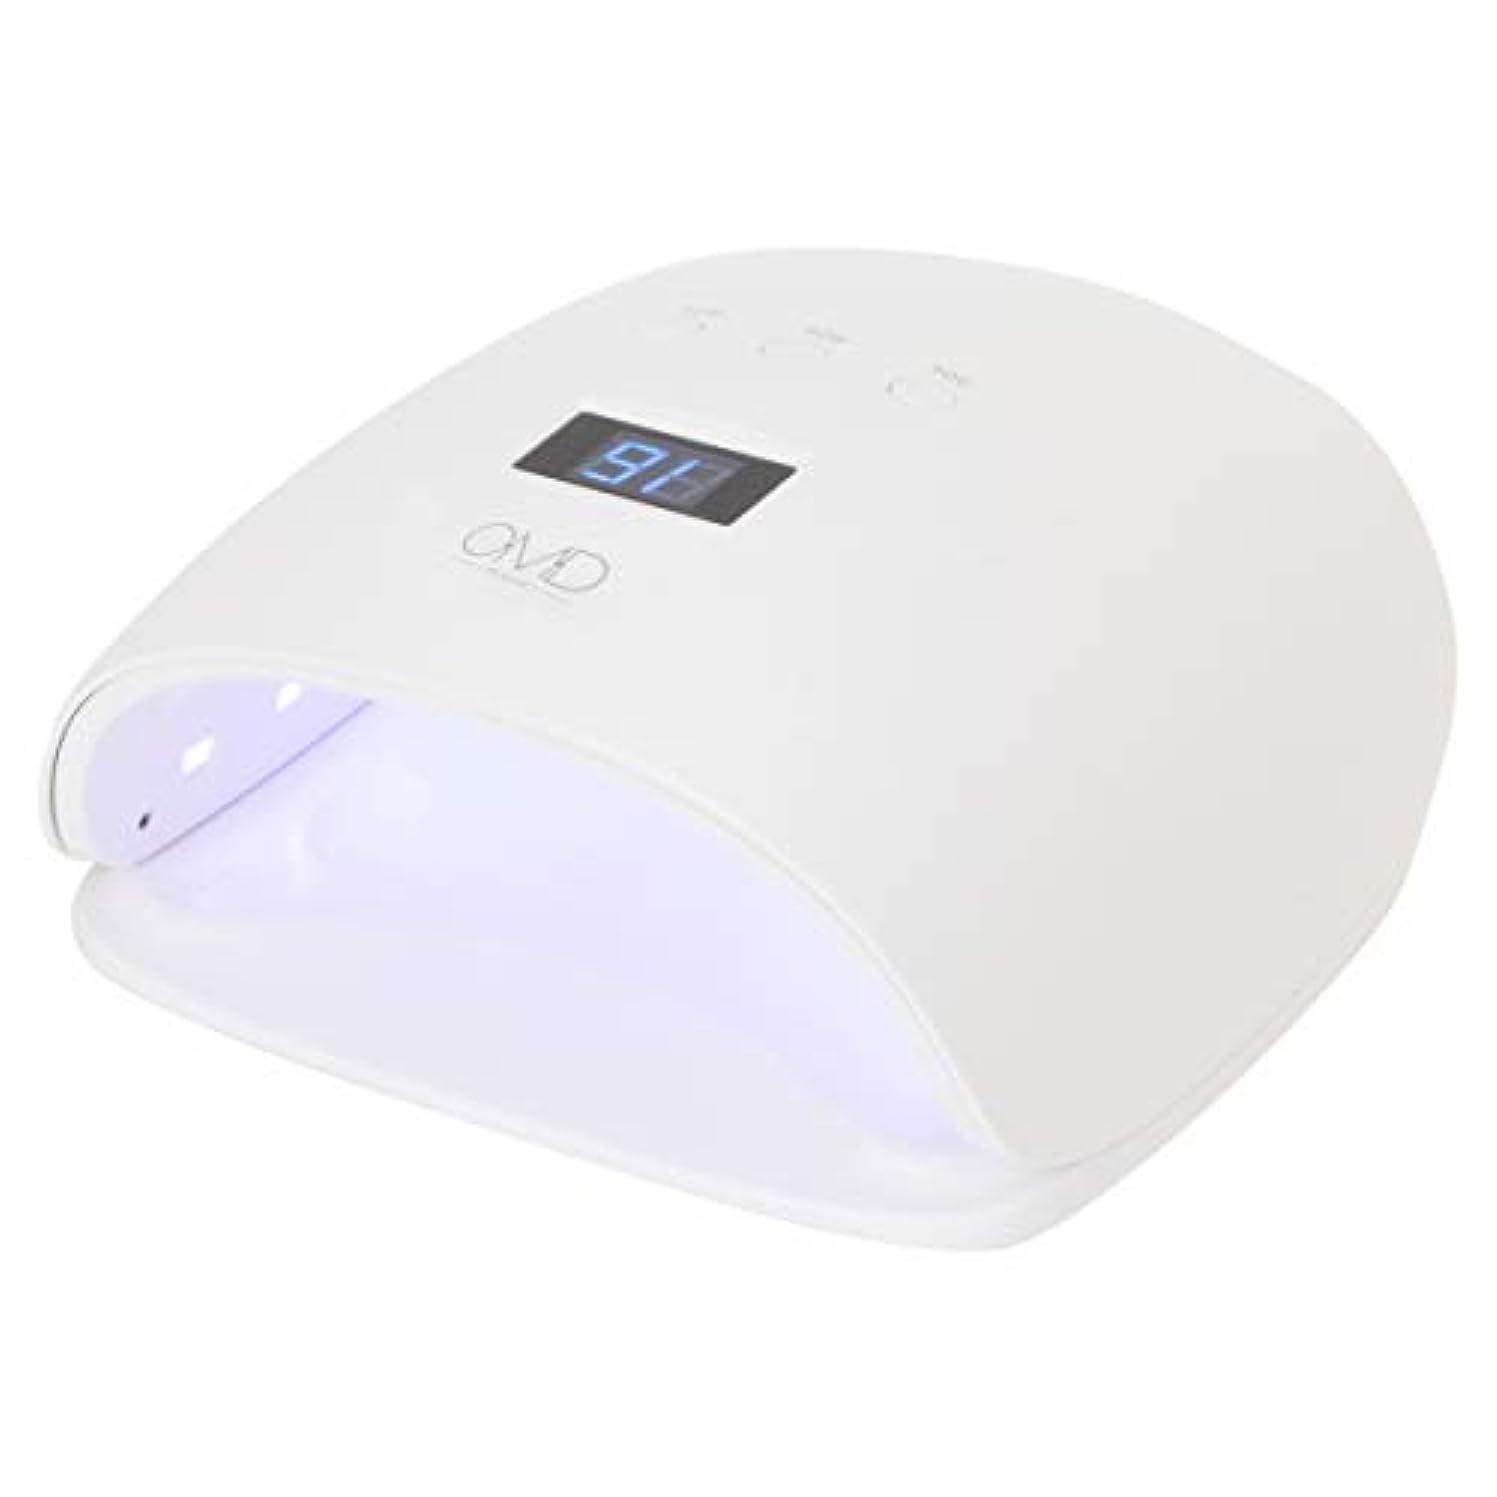 くぼみはずバナー<OMD> DX UV/LEDライト-D02 [ ネイルライト ネイルランプ LEDライト LEDランプ UVライト UVランプ ジェルネイル ネイルドライヤー LED UV ネイル ライト ランプ ]